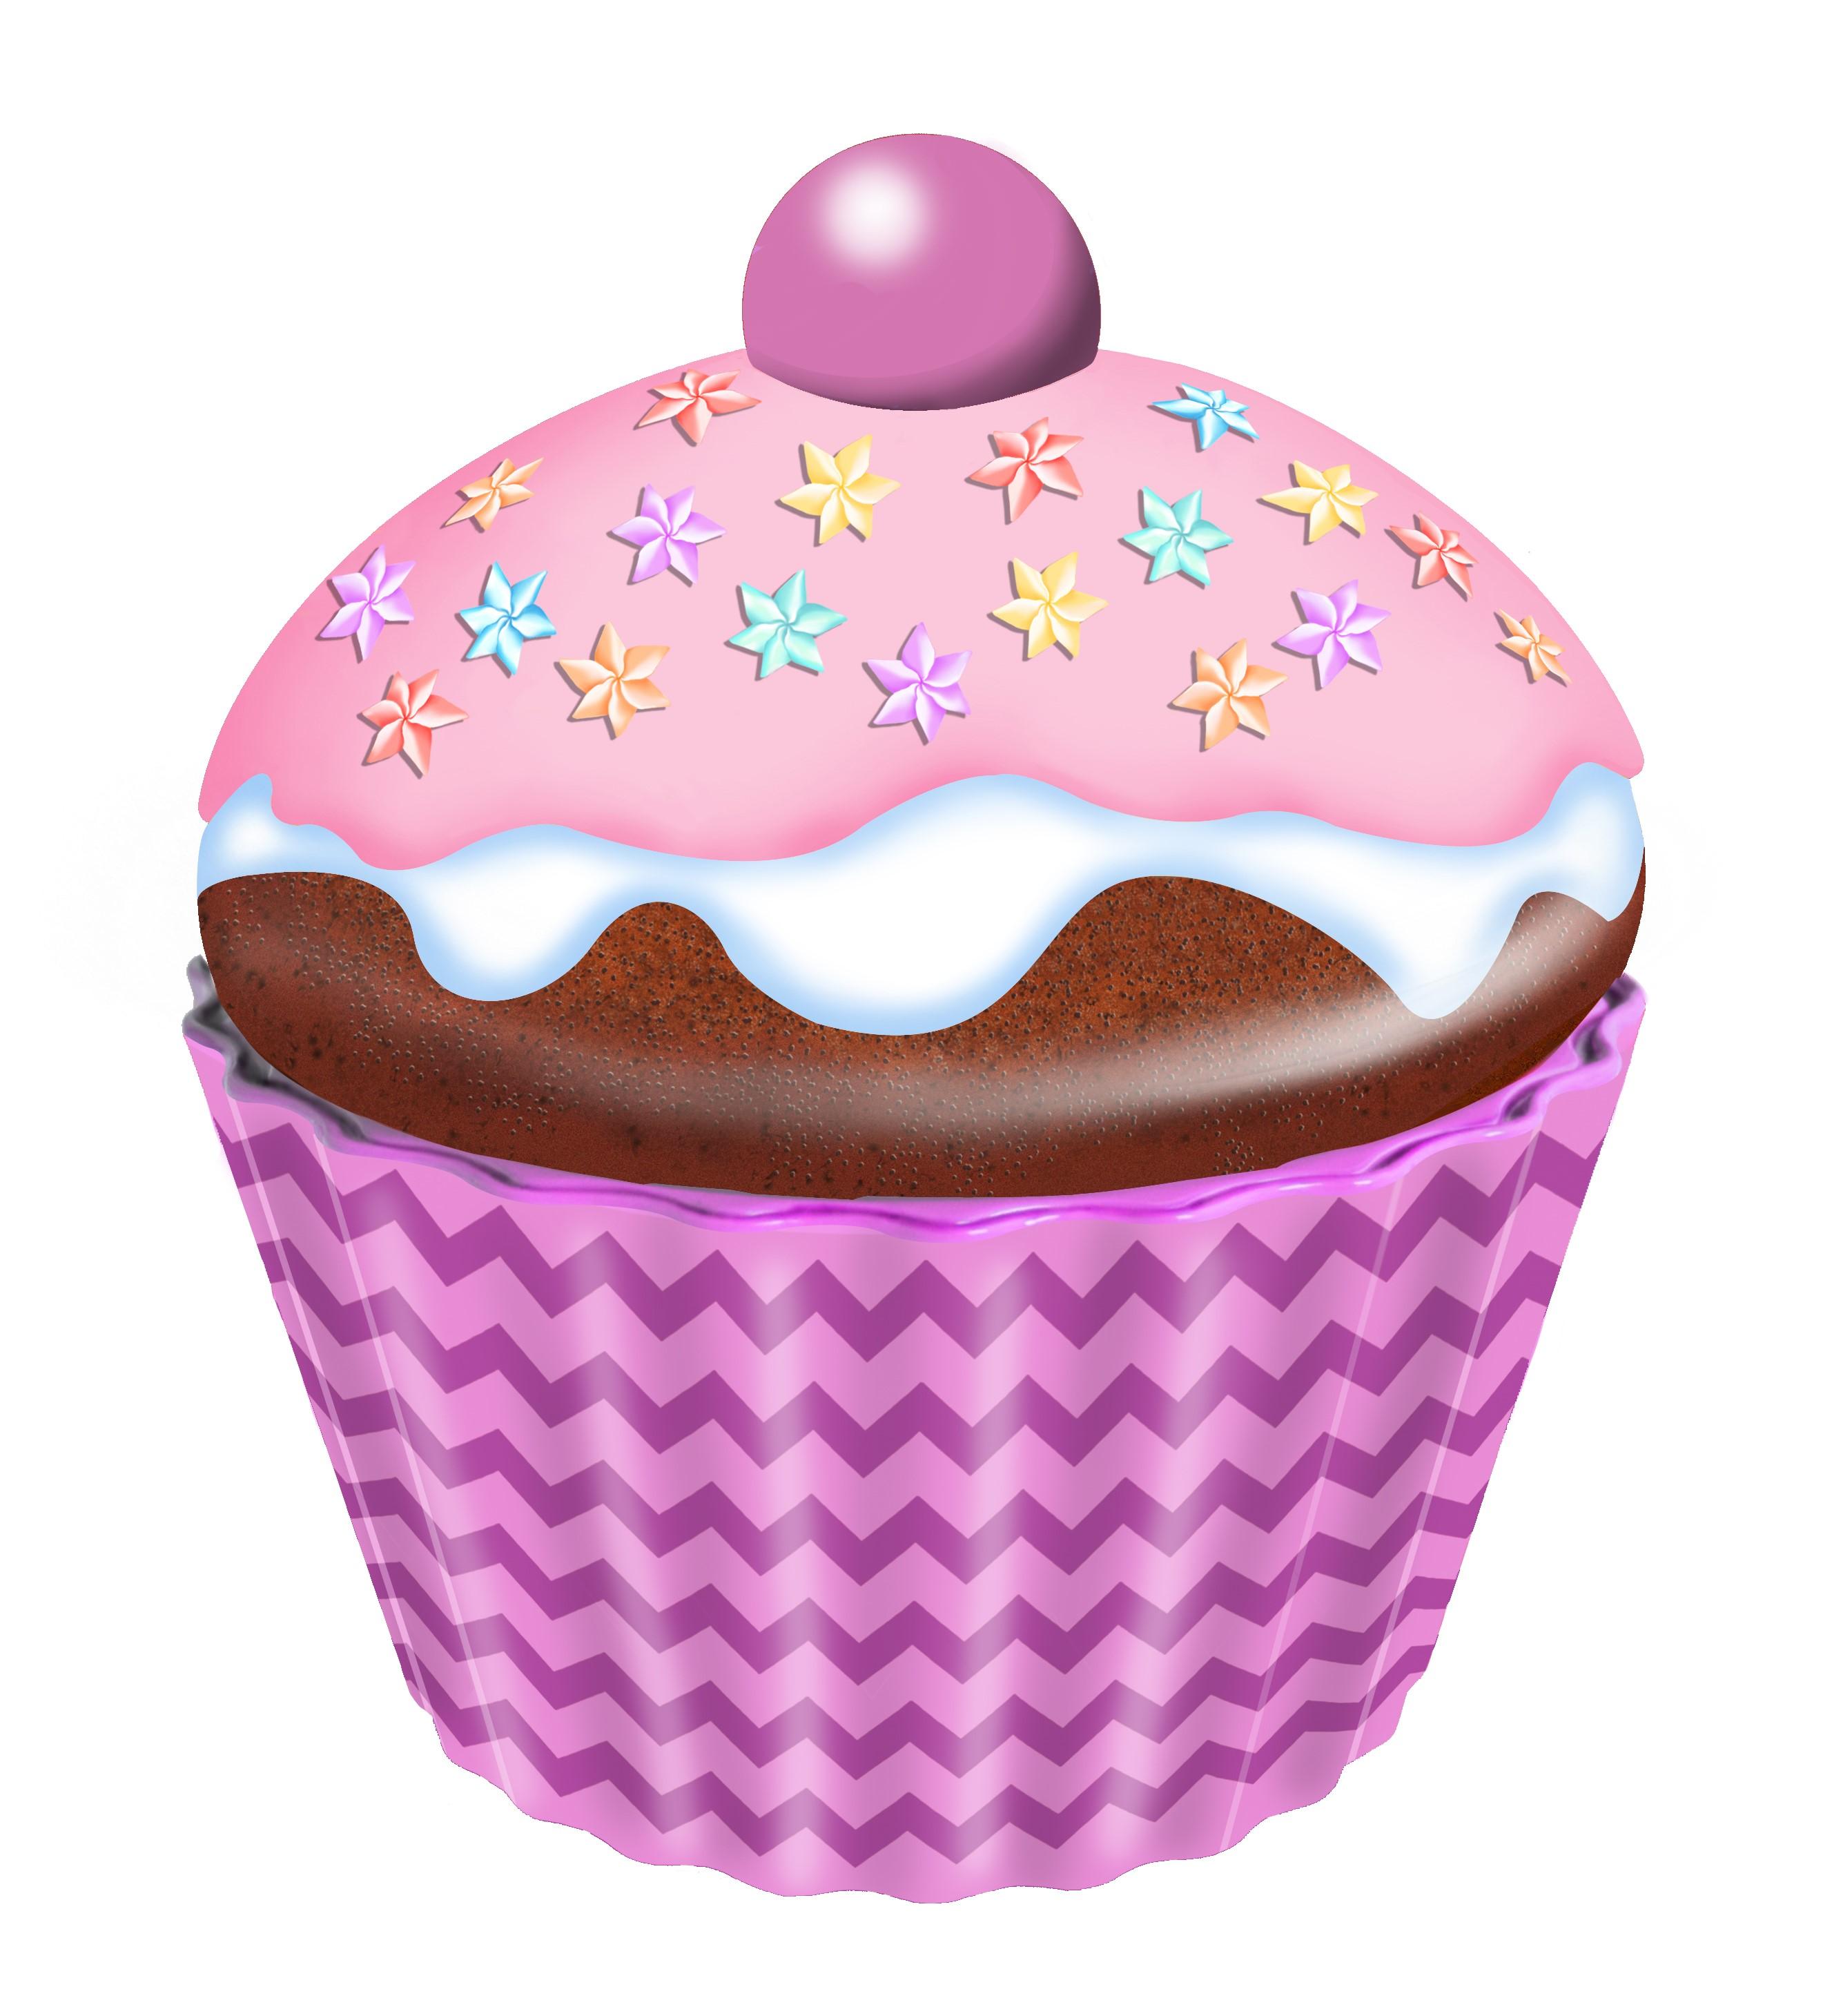 10203 Cupcake groß Blumen